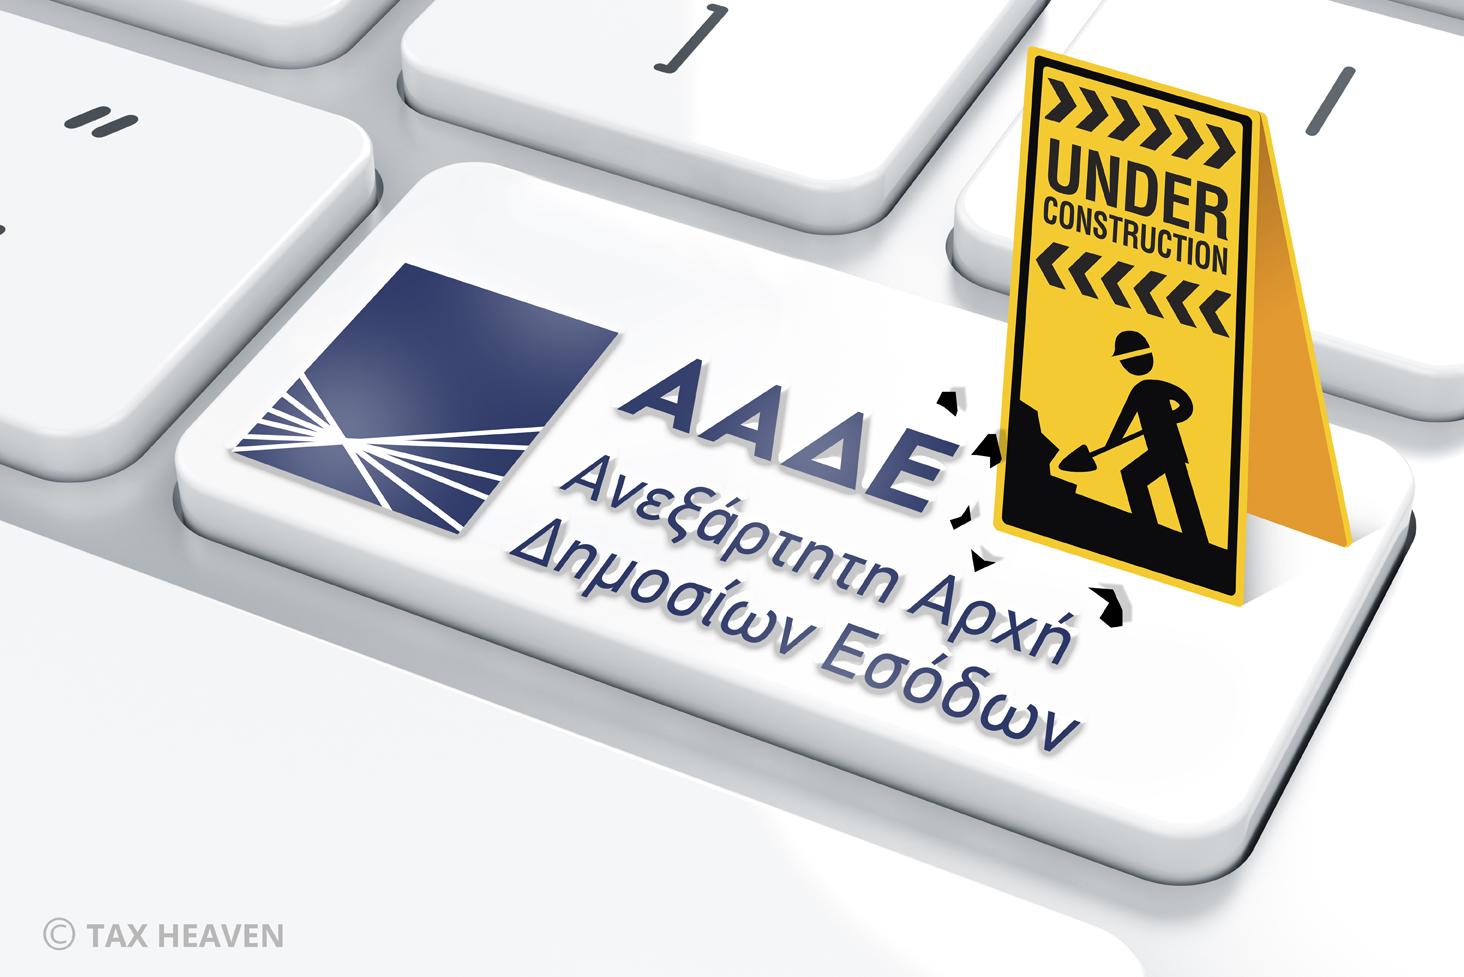 Κλειστές οι ΔΟΥ Κηφισιάς και Δ' Αθηνών σήμερα, Παρασκευή 11 Σεπτεμβρίου